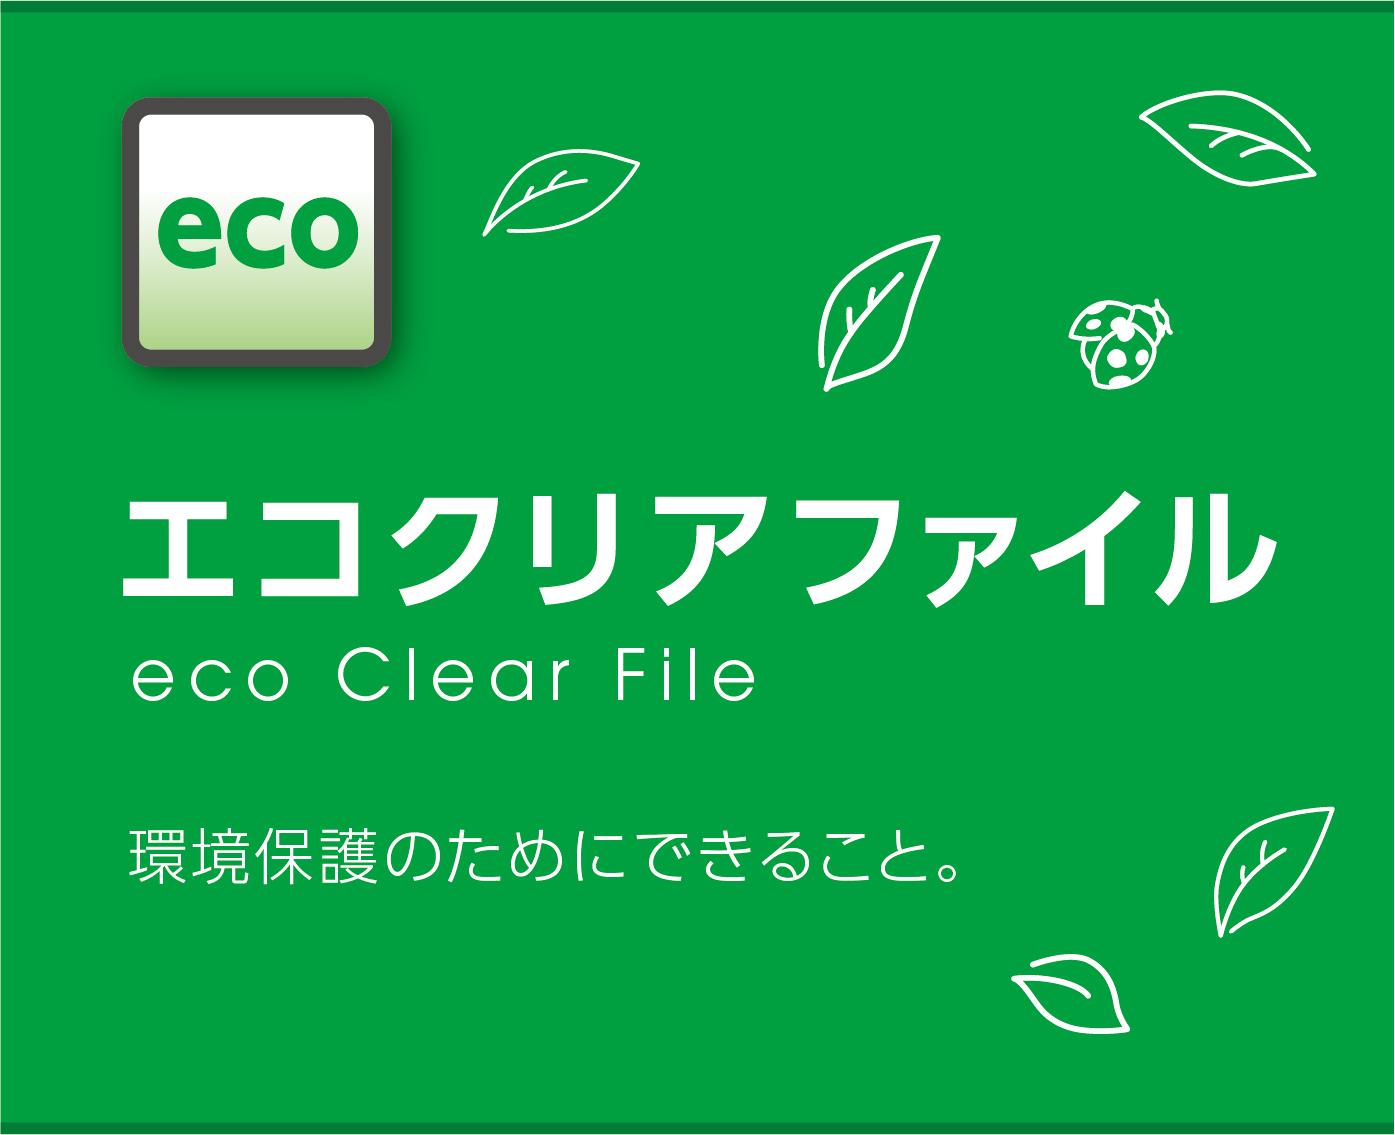 エコクリアファイル